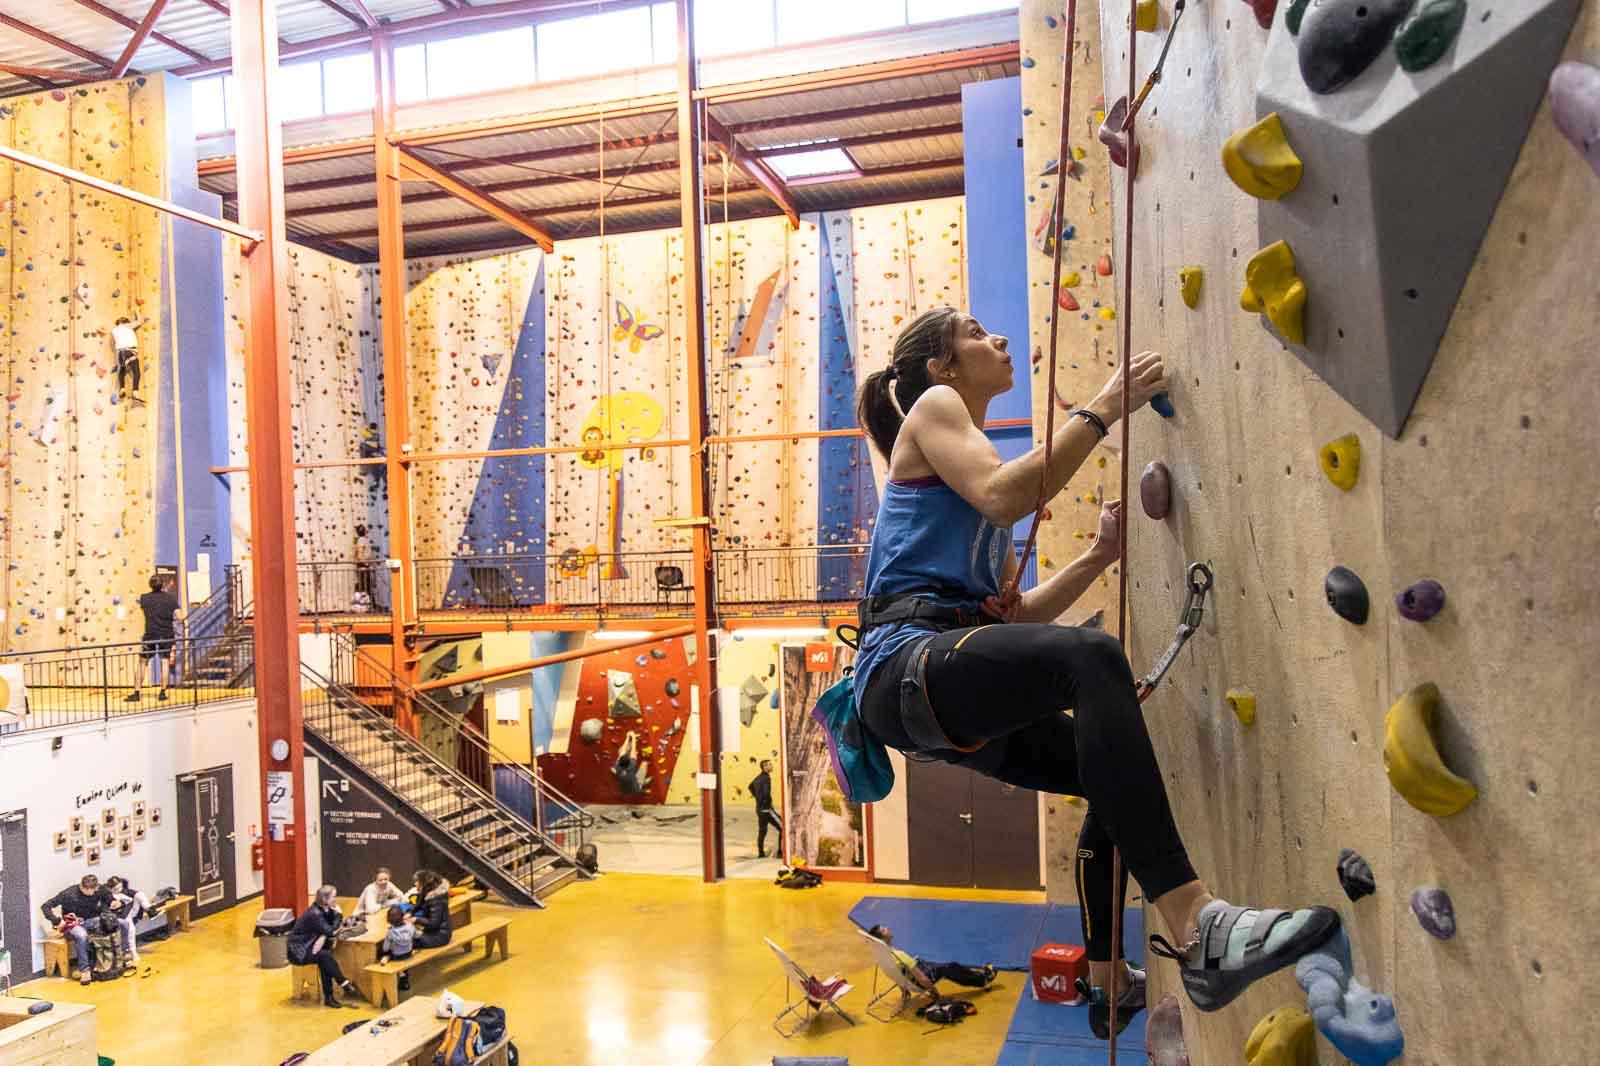 Grimpez entre Aix les Bains et Chambéry à la Motte Servolex : salle d'escalade